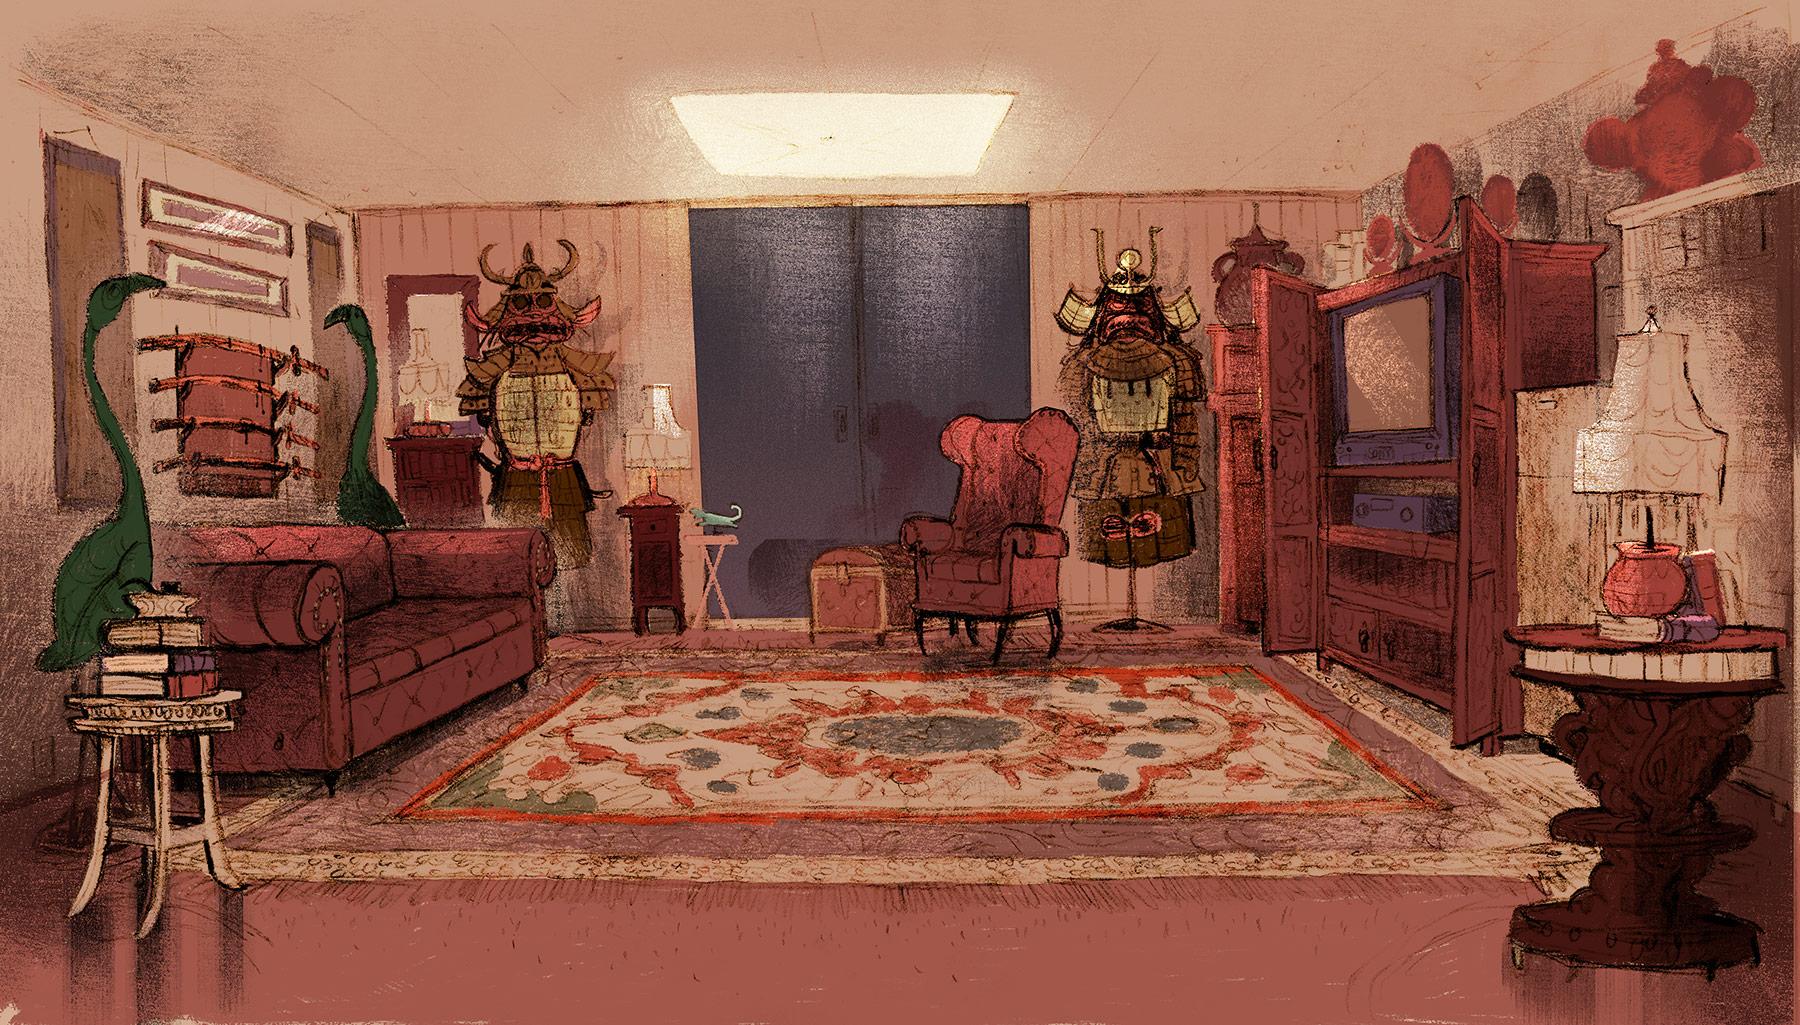 Painting by Chris Sasaki.